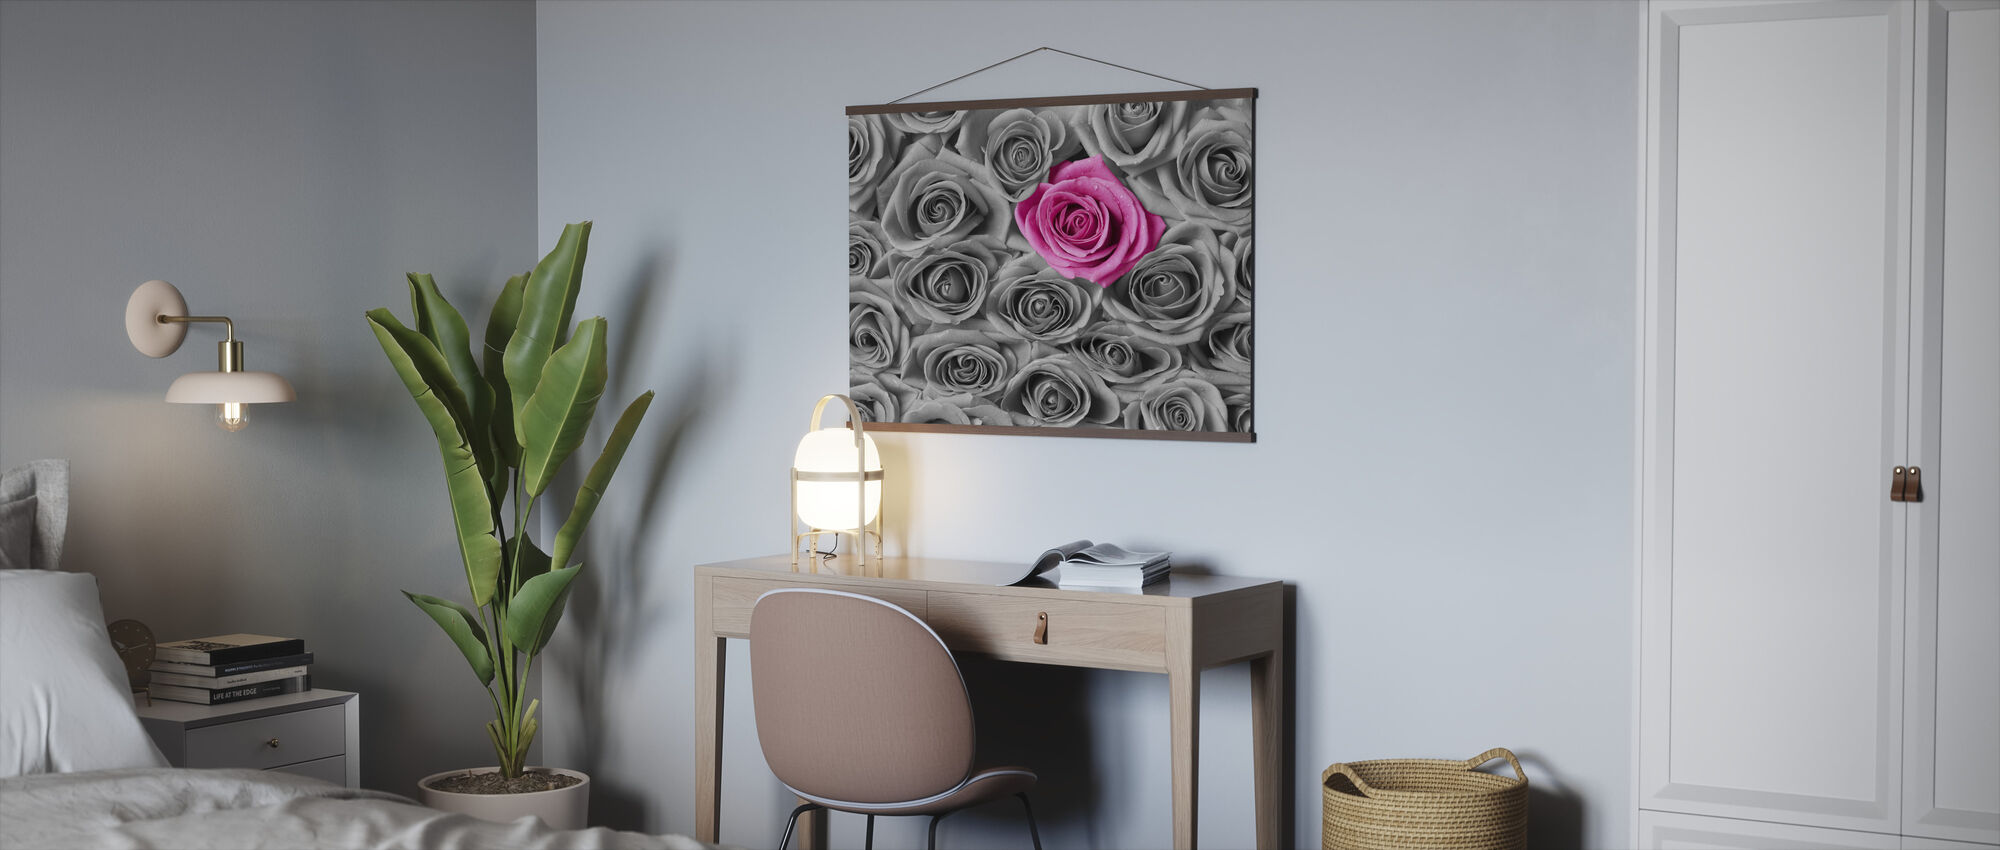 Roser og krysantemum - Plakat - Kontor